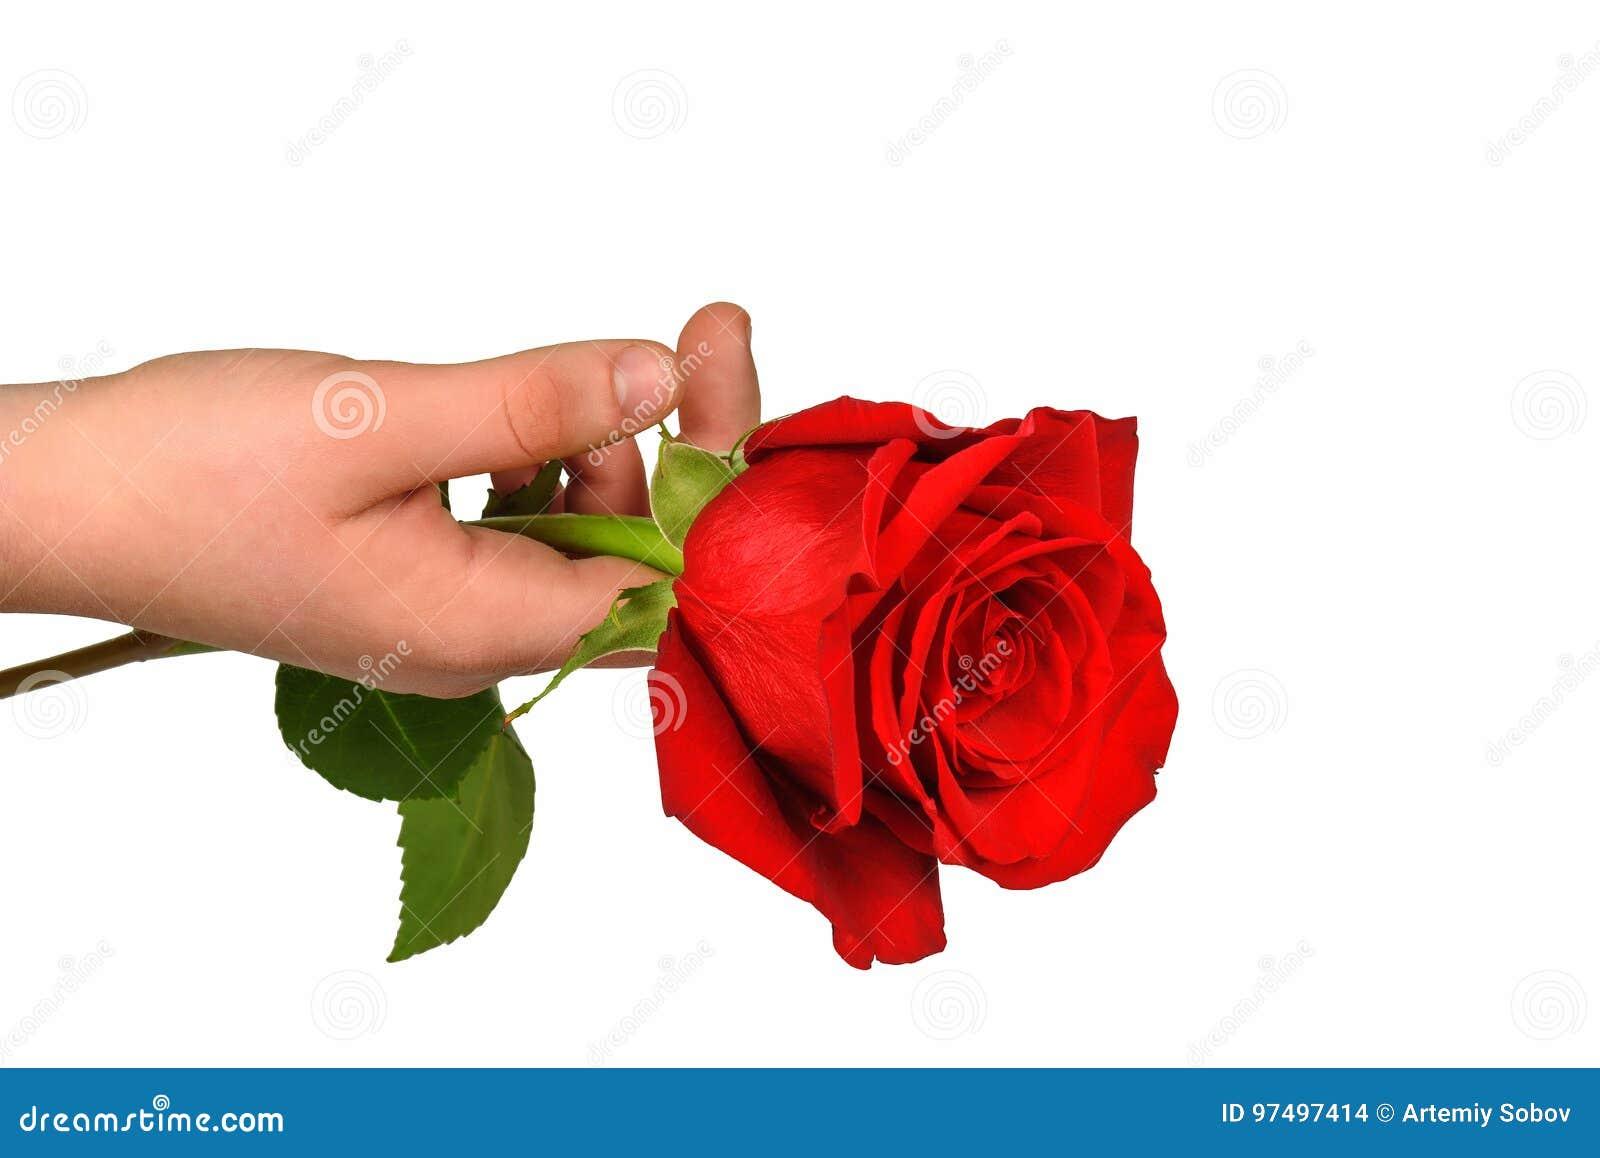 Rosa rossa a disposizione isolata